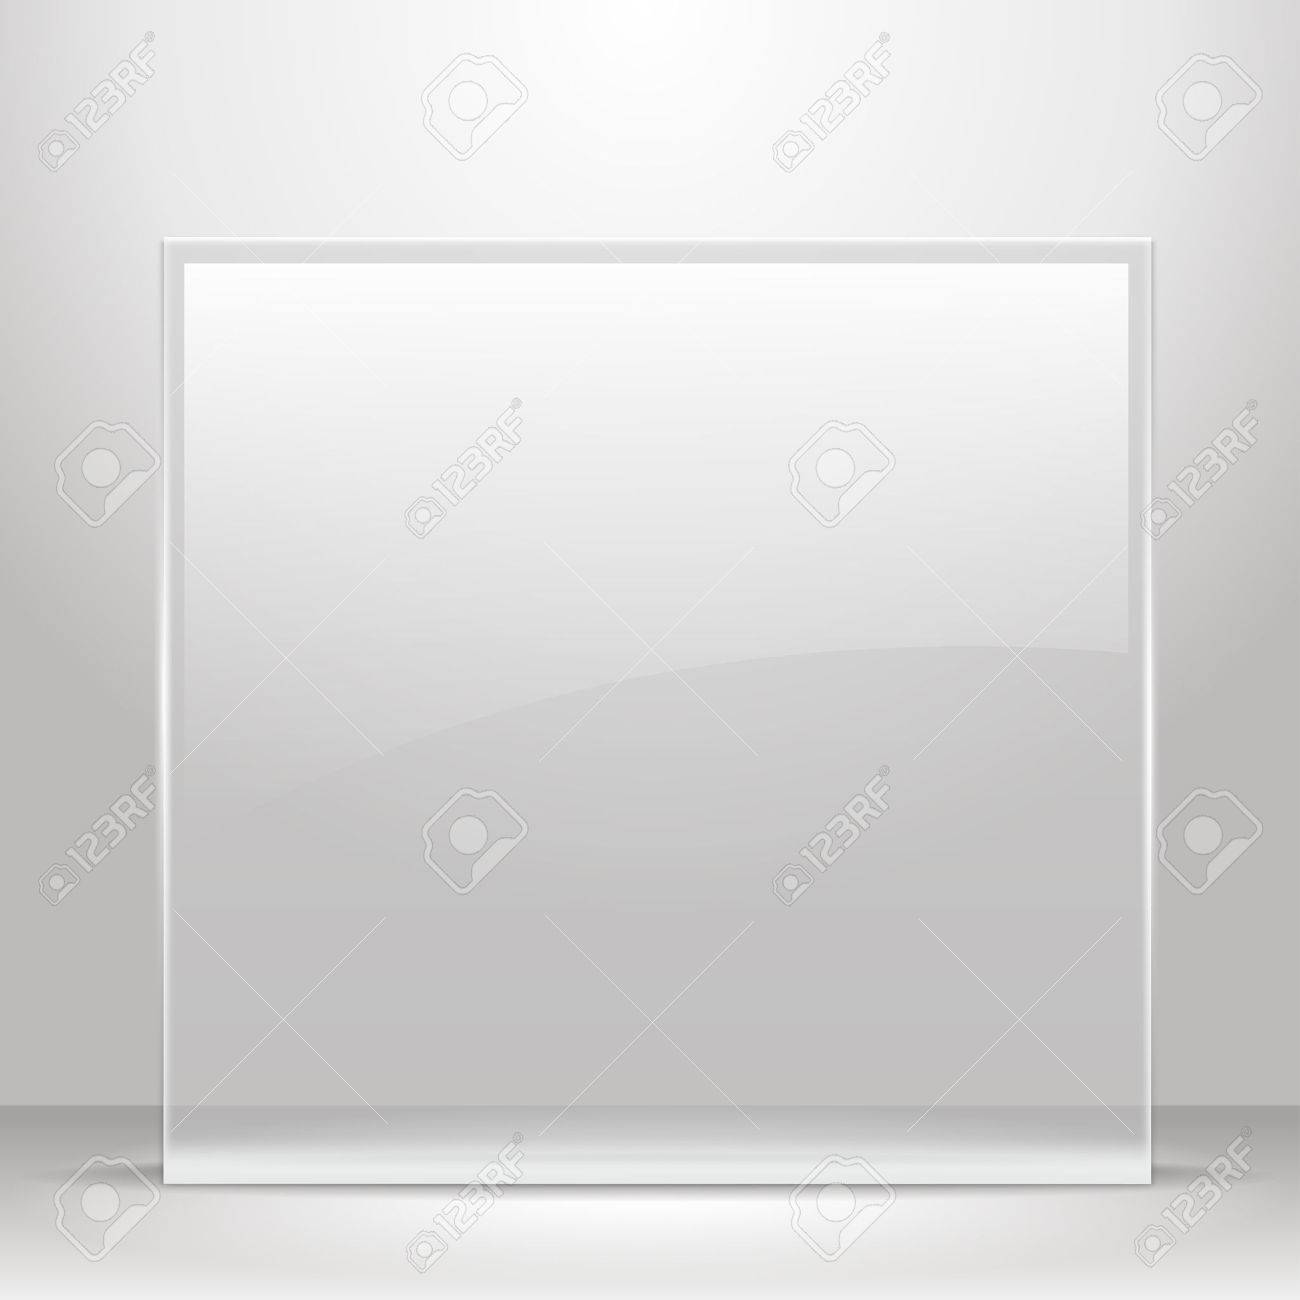 Marco De Cristal Para Las Imágenes Y La Publicidad. Habitación Vacía ...